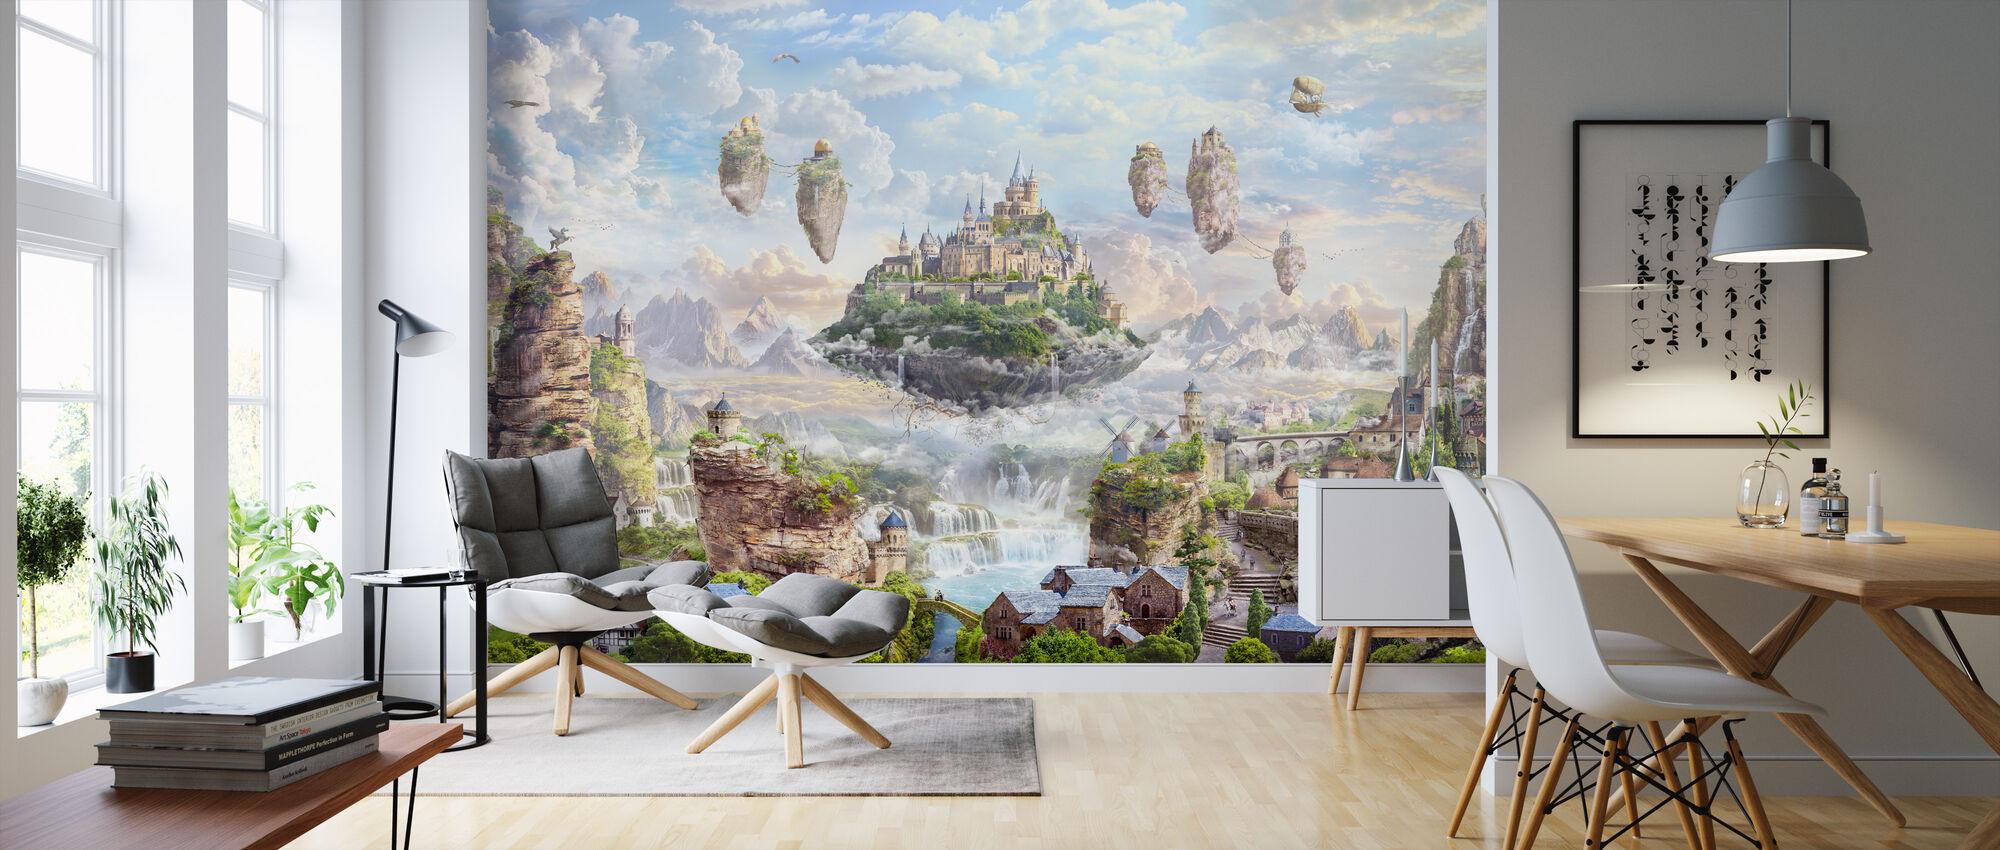 Sky Castle - Wallpaper - Living Room